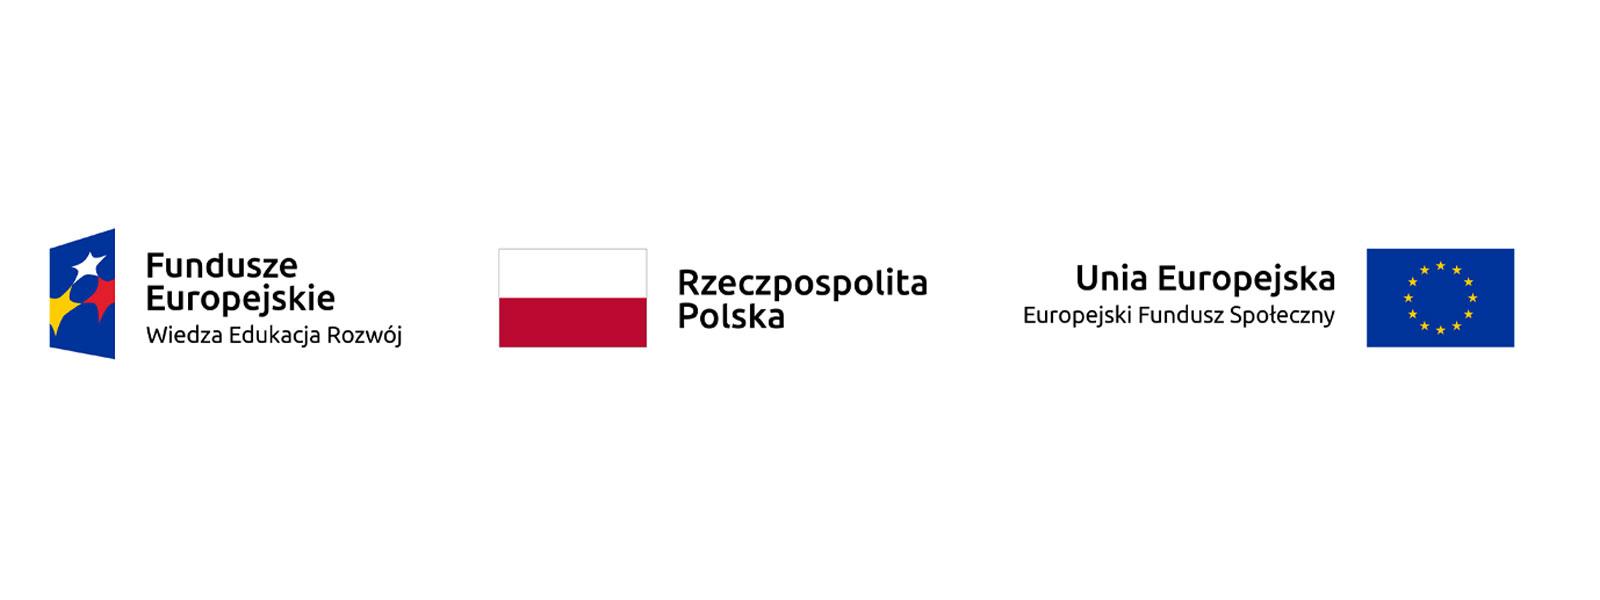 Sami dzielni - projekt UE